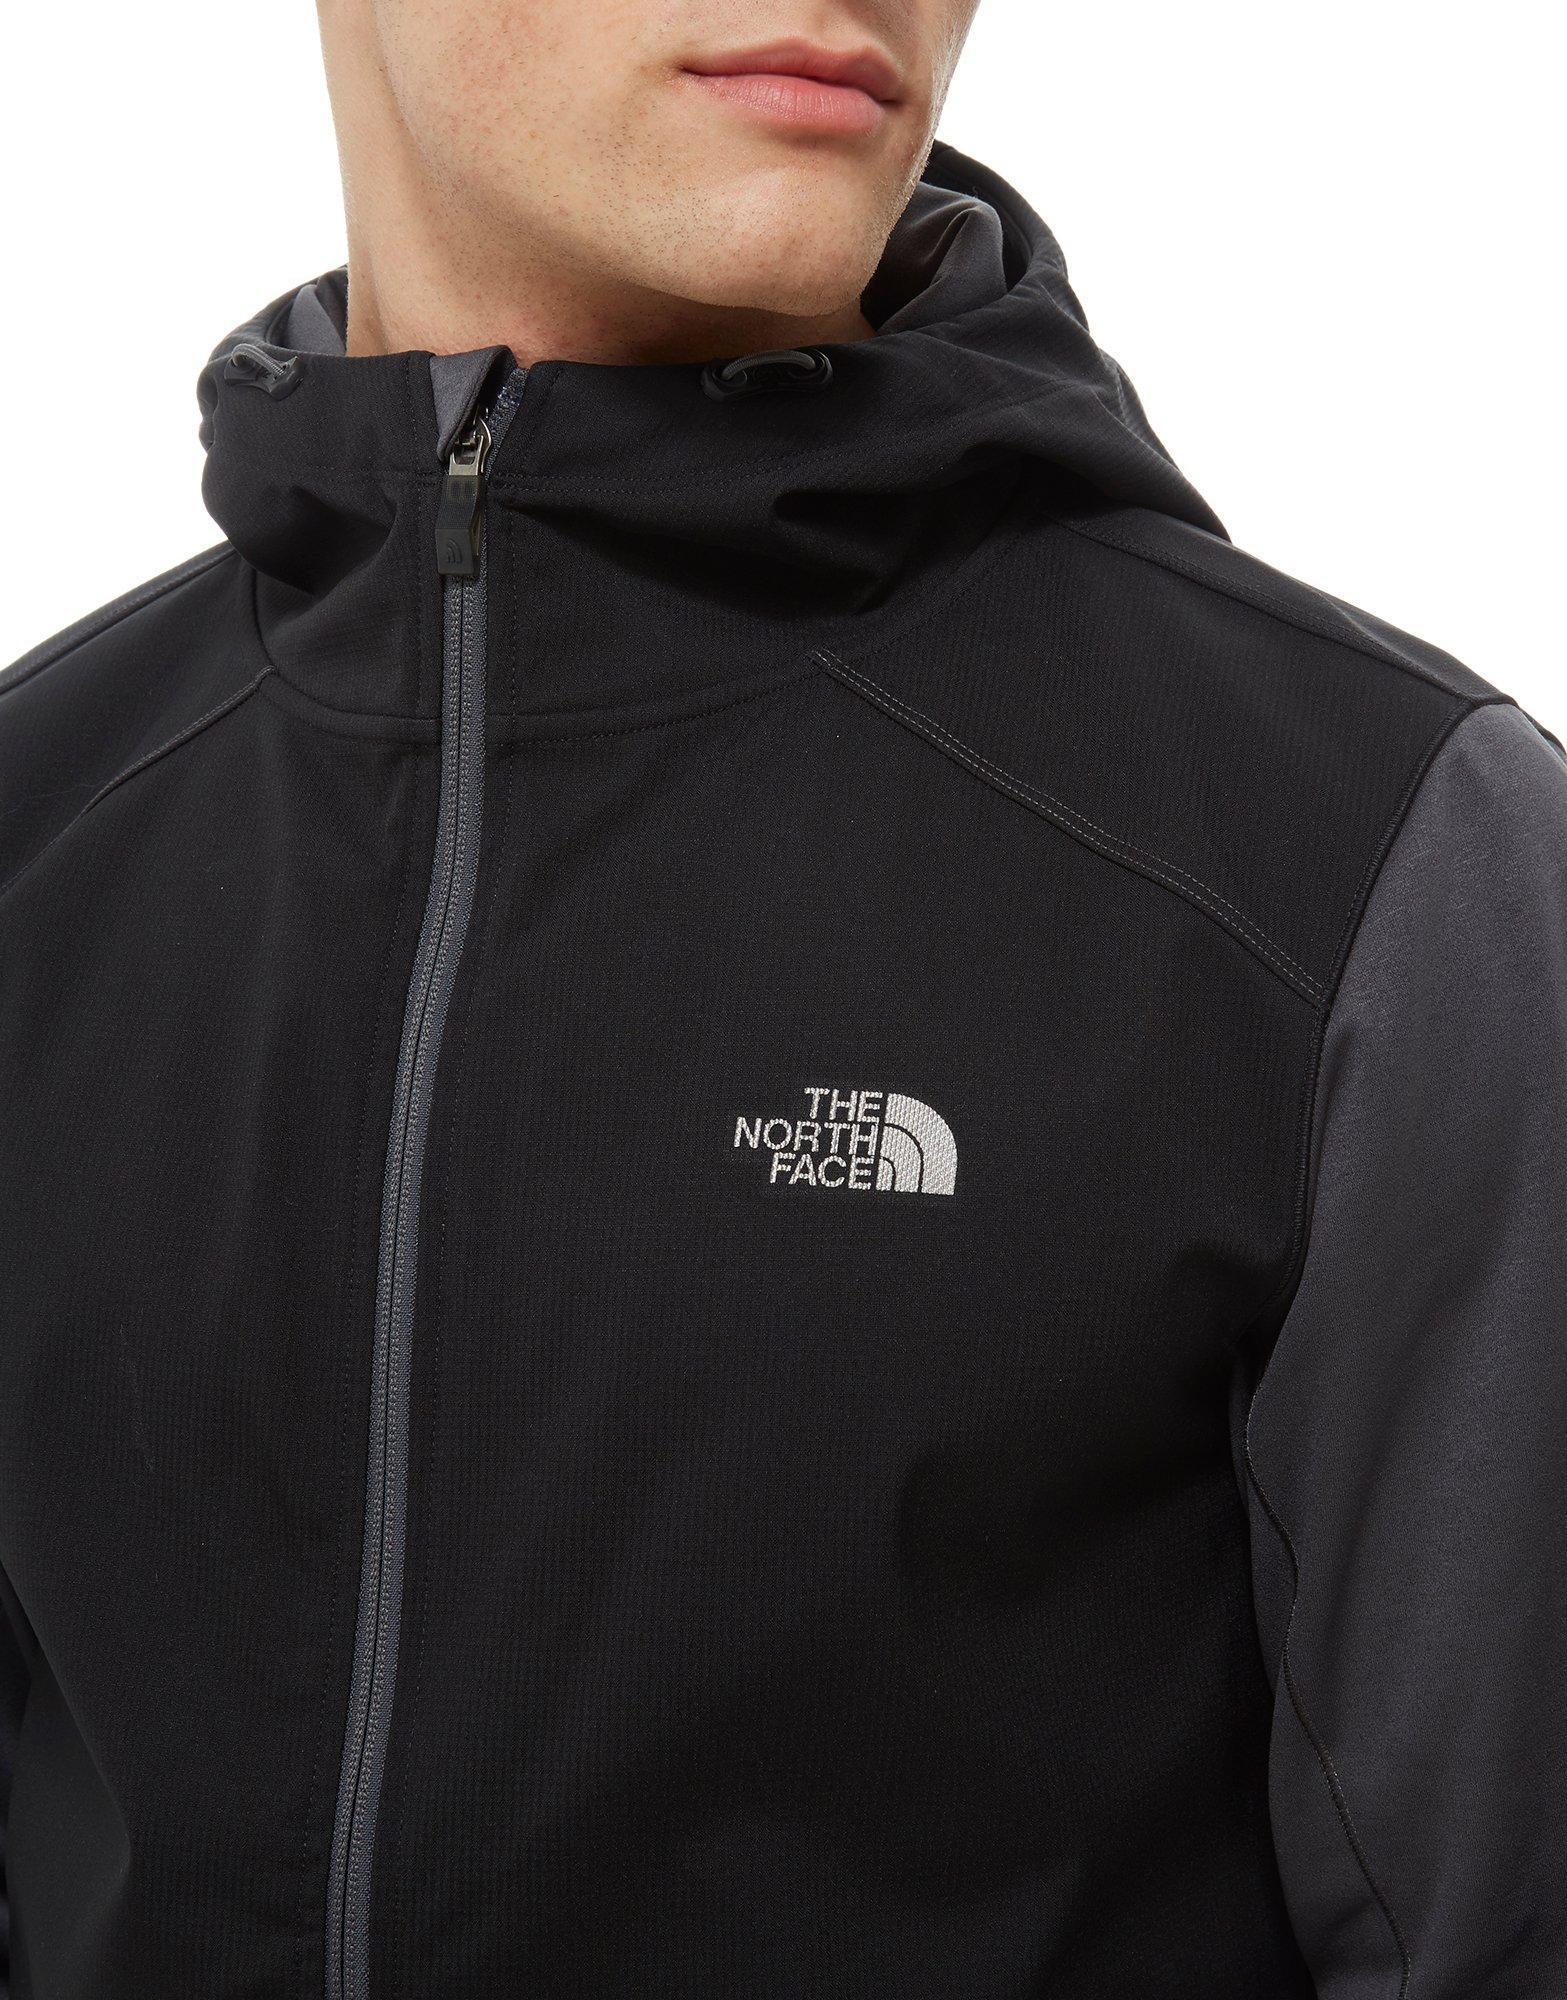 f1f109663 The North Face Kilowatt Varsity Jacket in Black for Men - Lyst